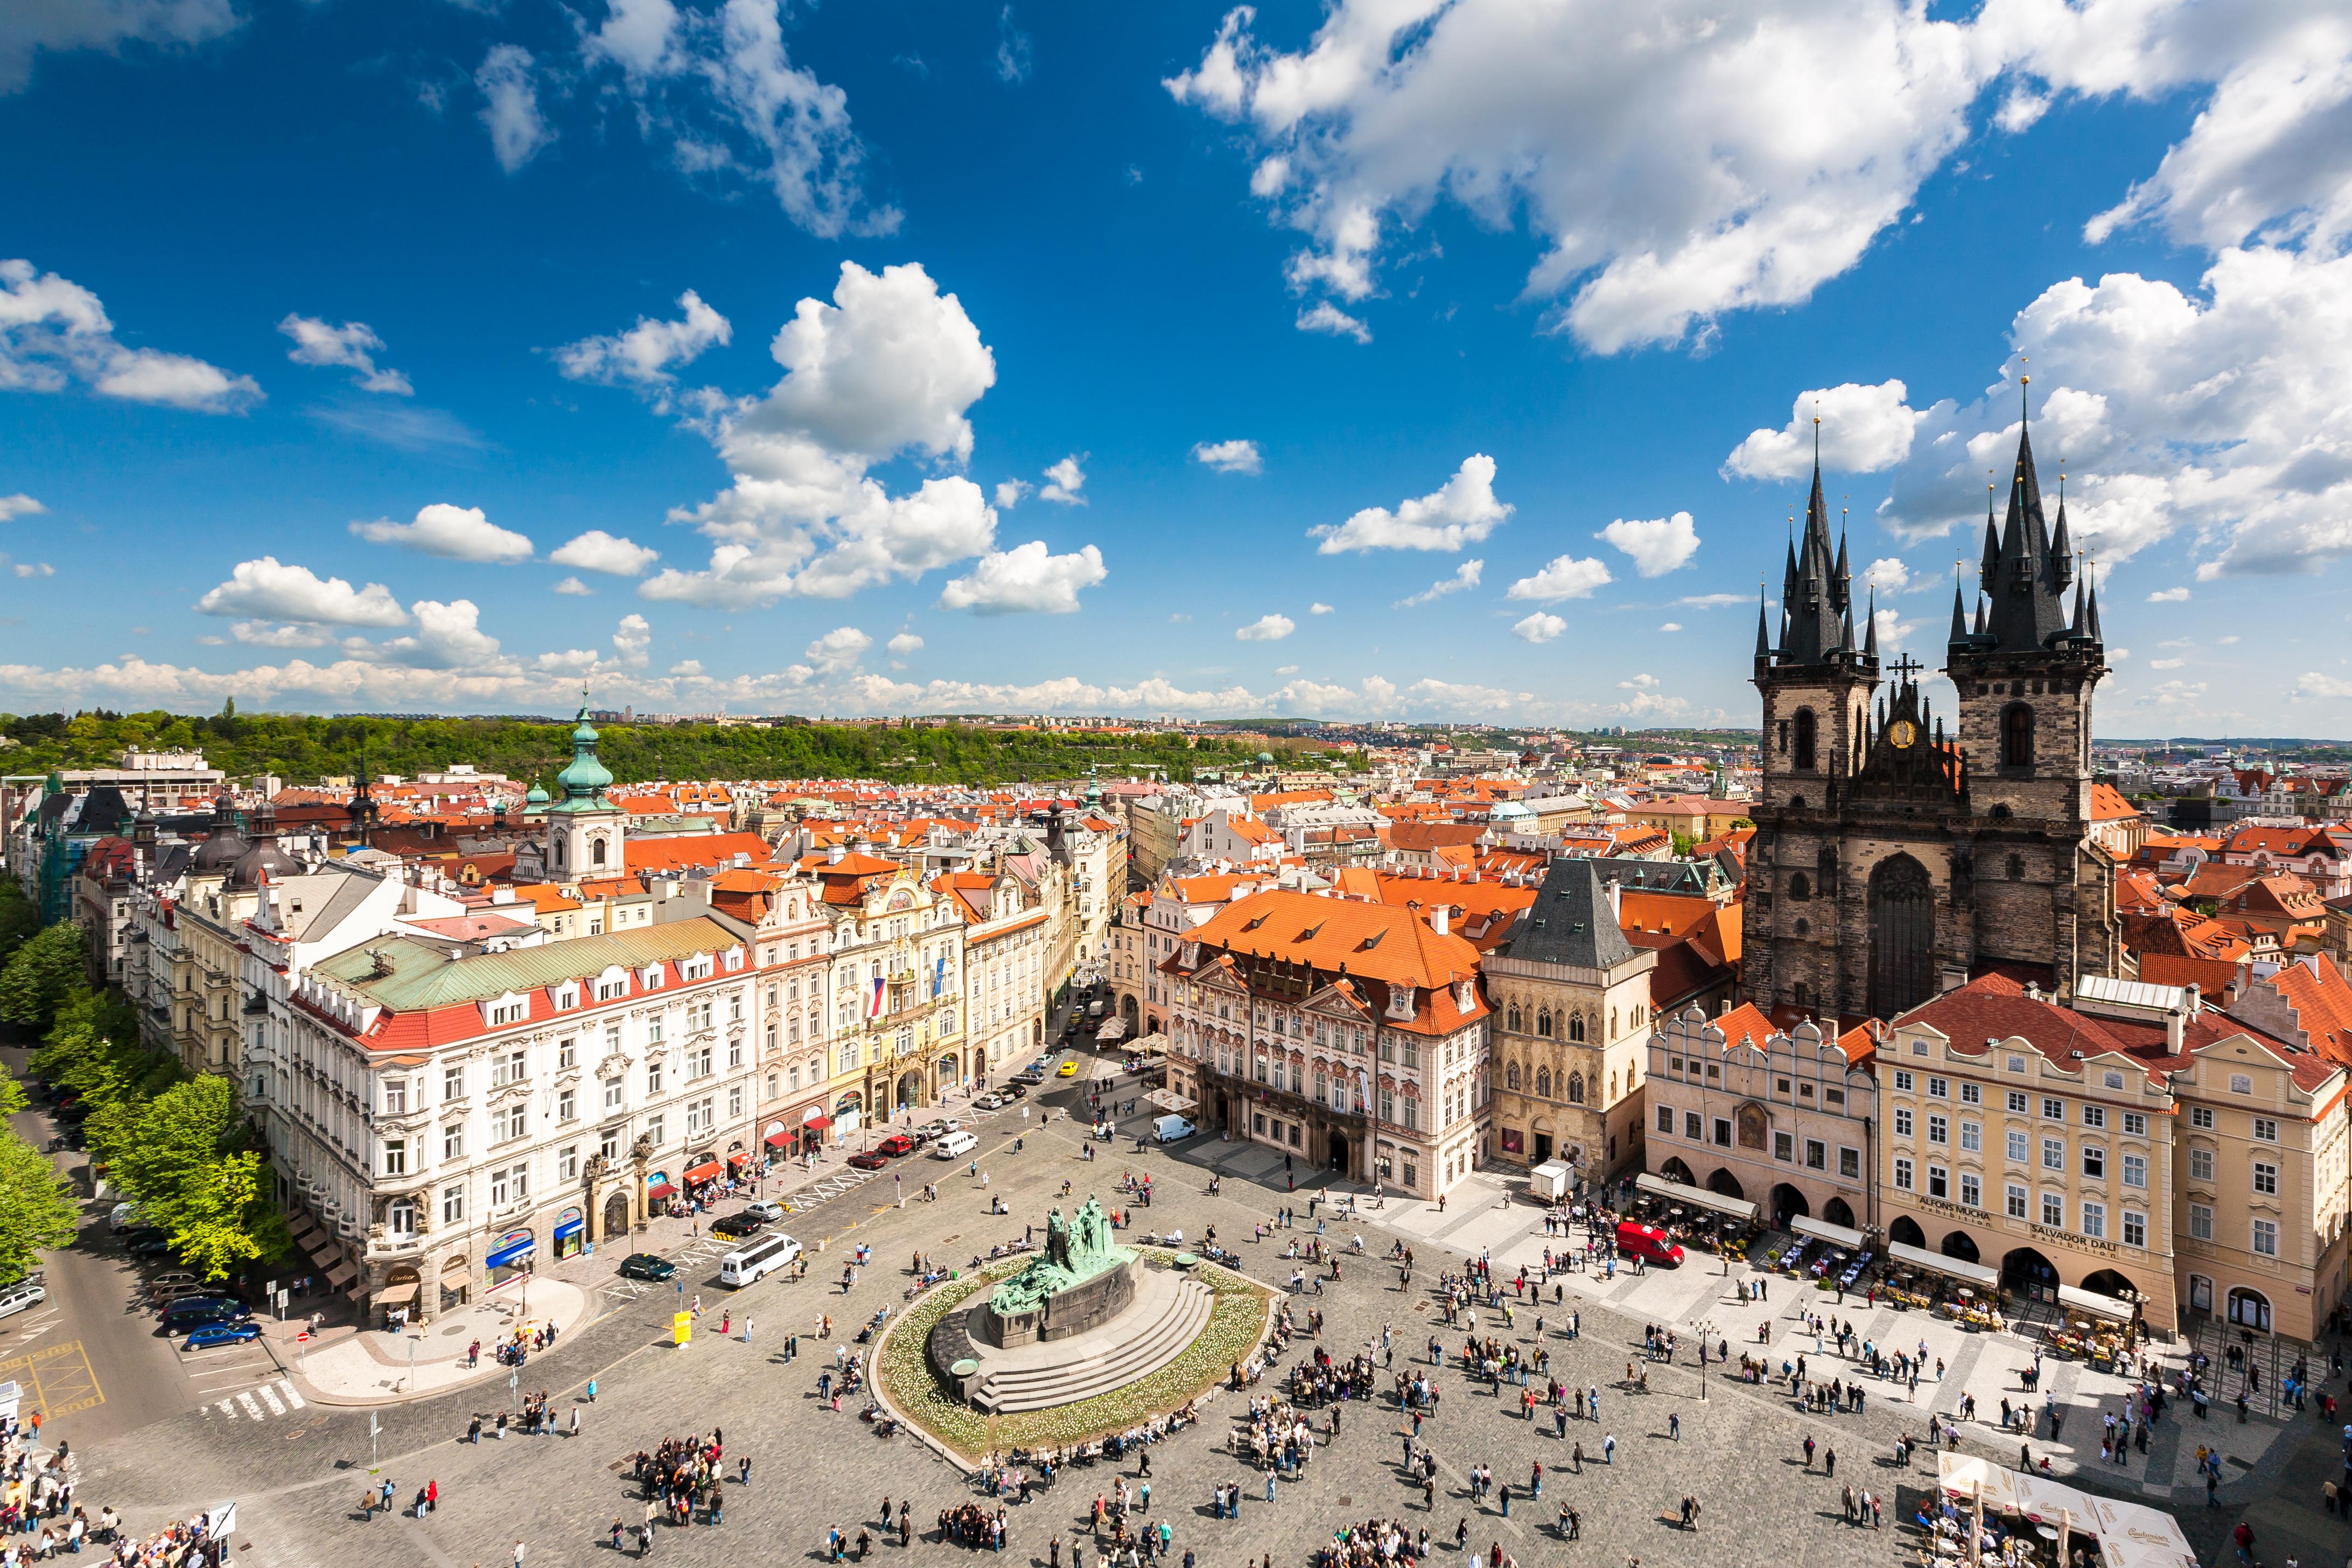 https://assets.eberhardt-travel.de/2016/Tschechien/48784_Altstadt_Prag_Original.jpg